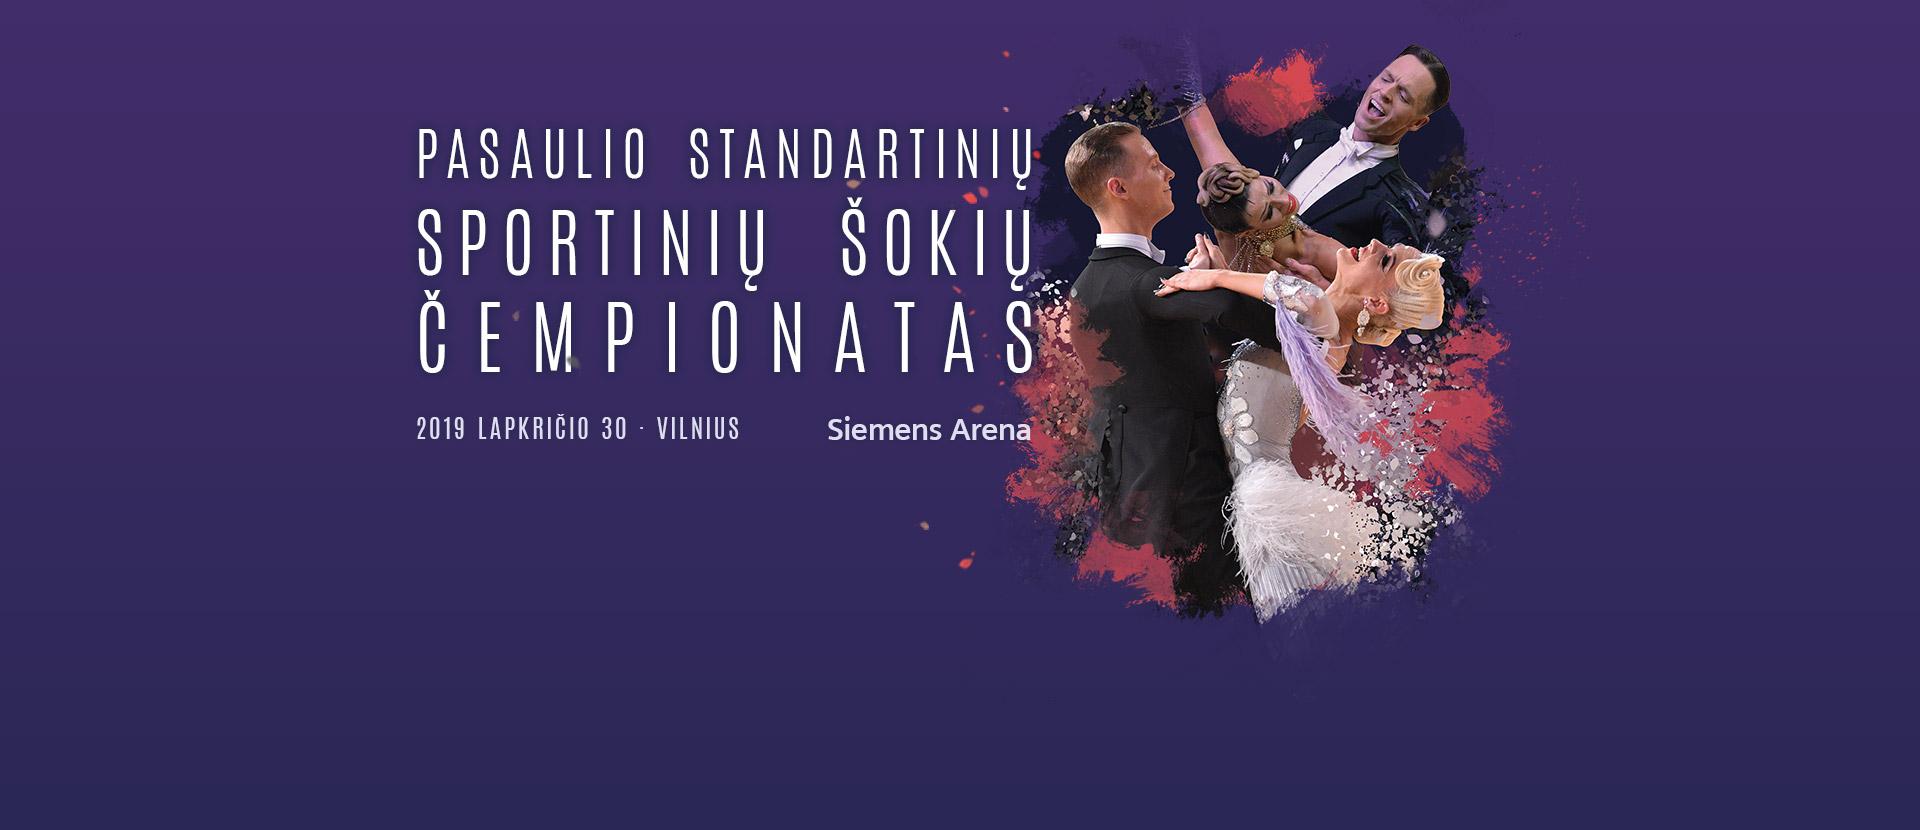 Pasaulio standartinių sportinių šokių čempionatas